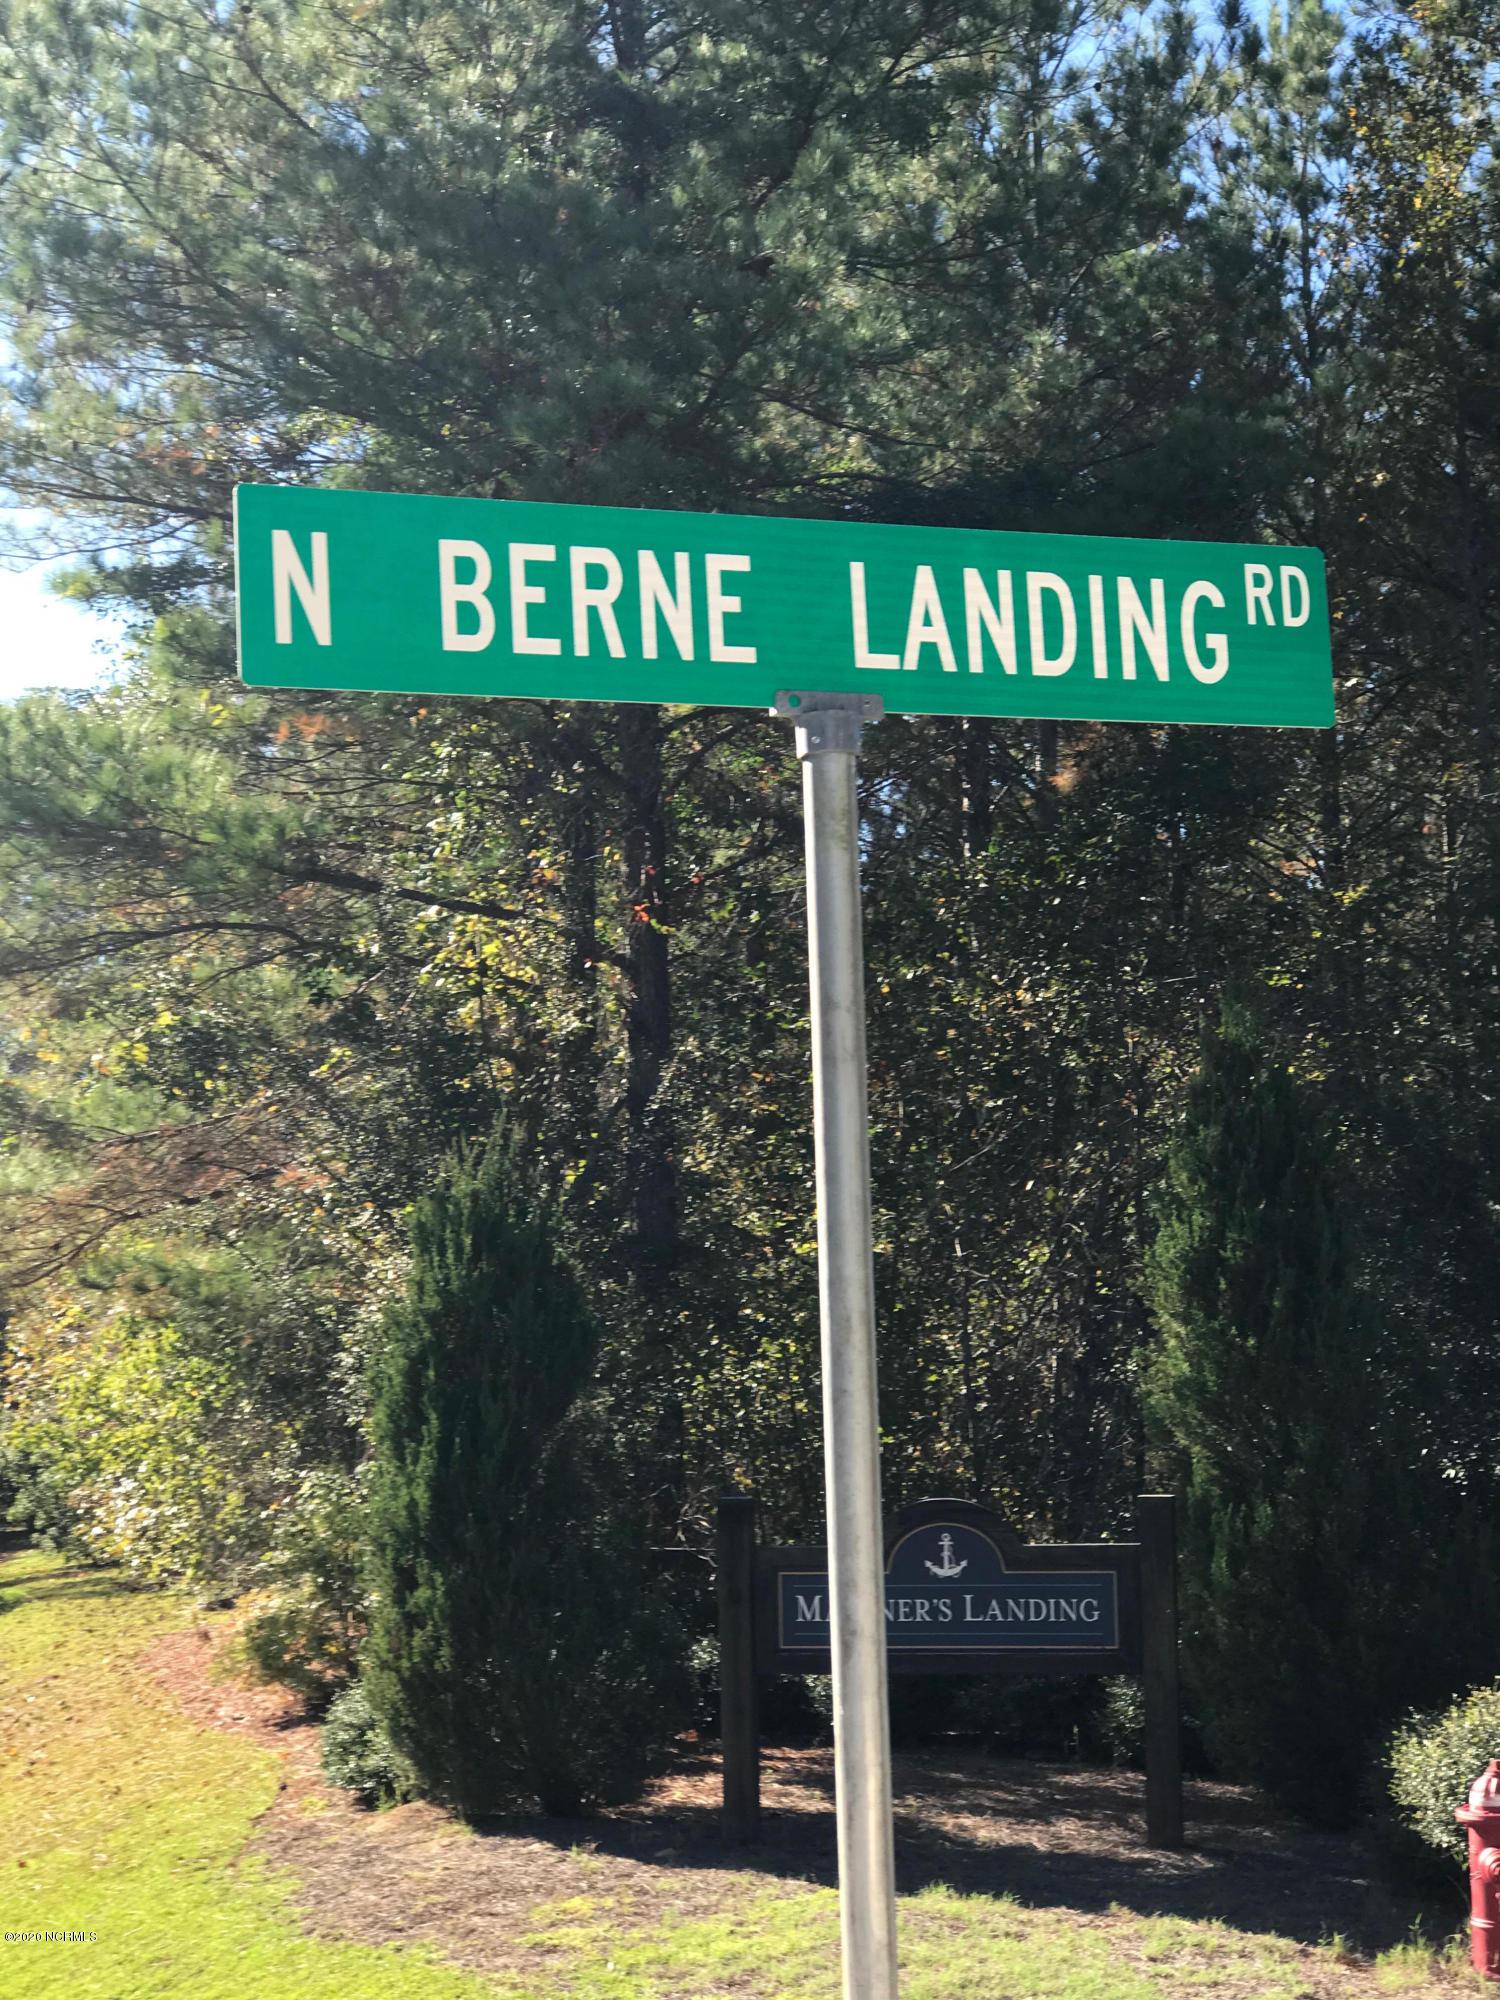 201 Berne Landing Road, New Bern, North Carolina 28560, ,Residential land,For sale,Berne Landing,100208999